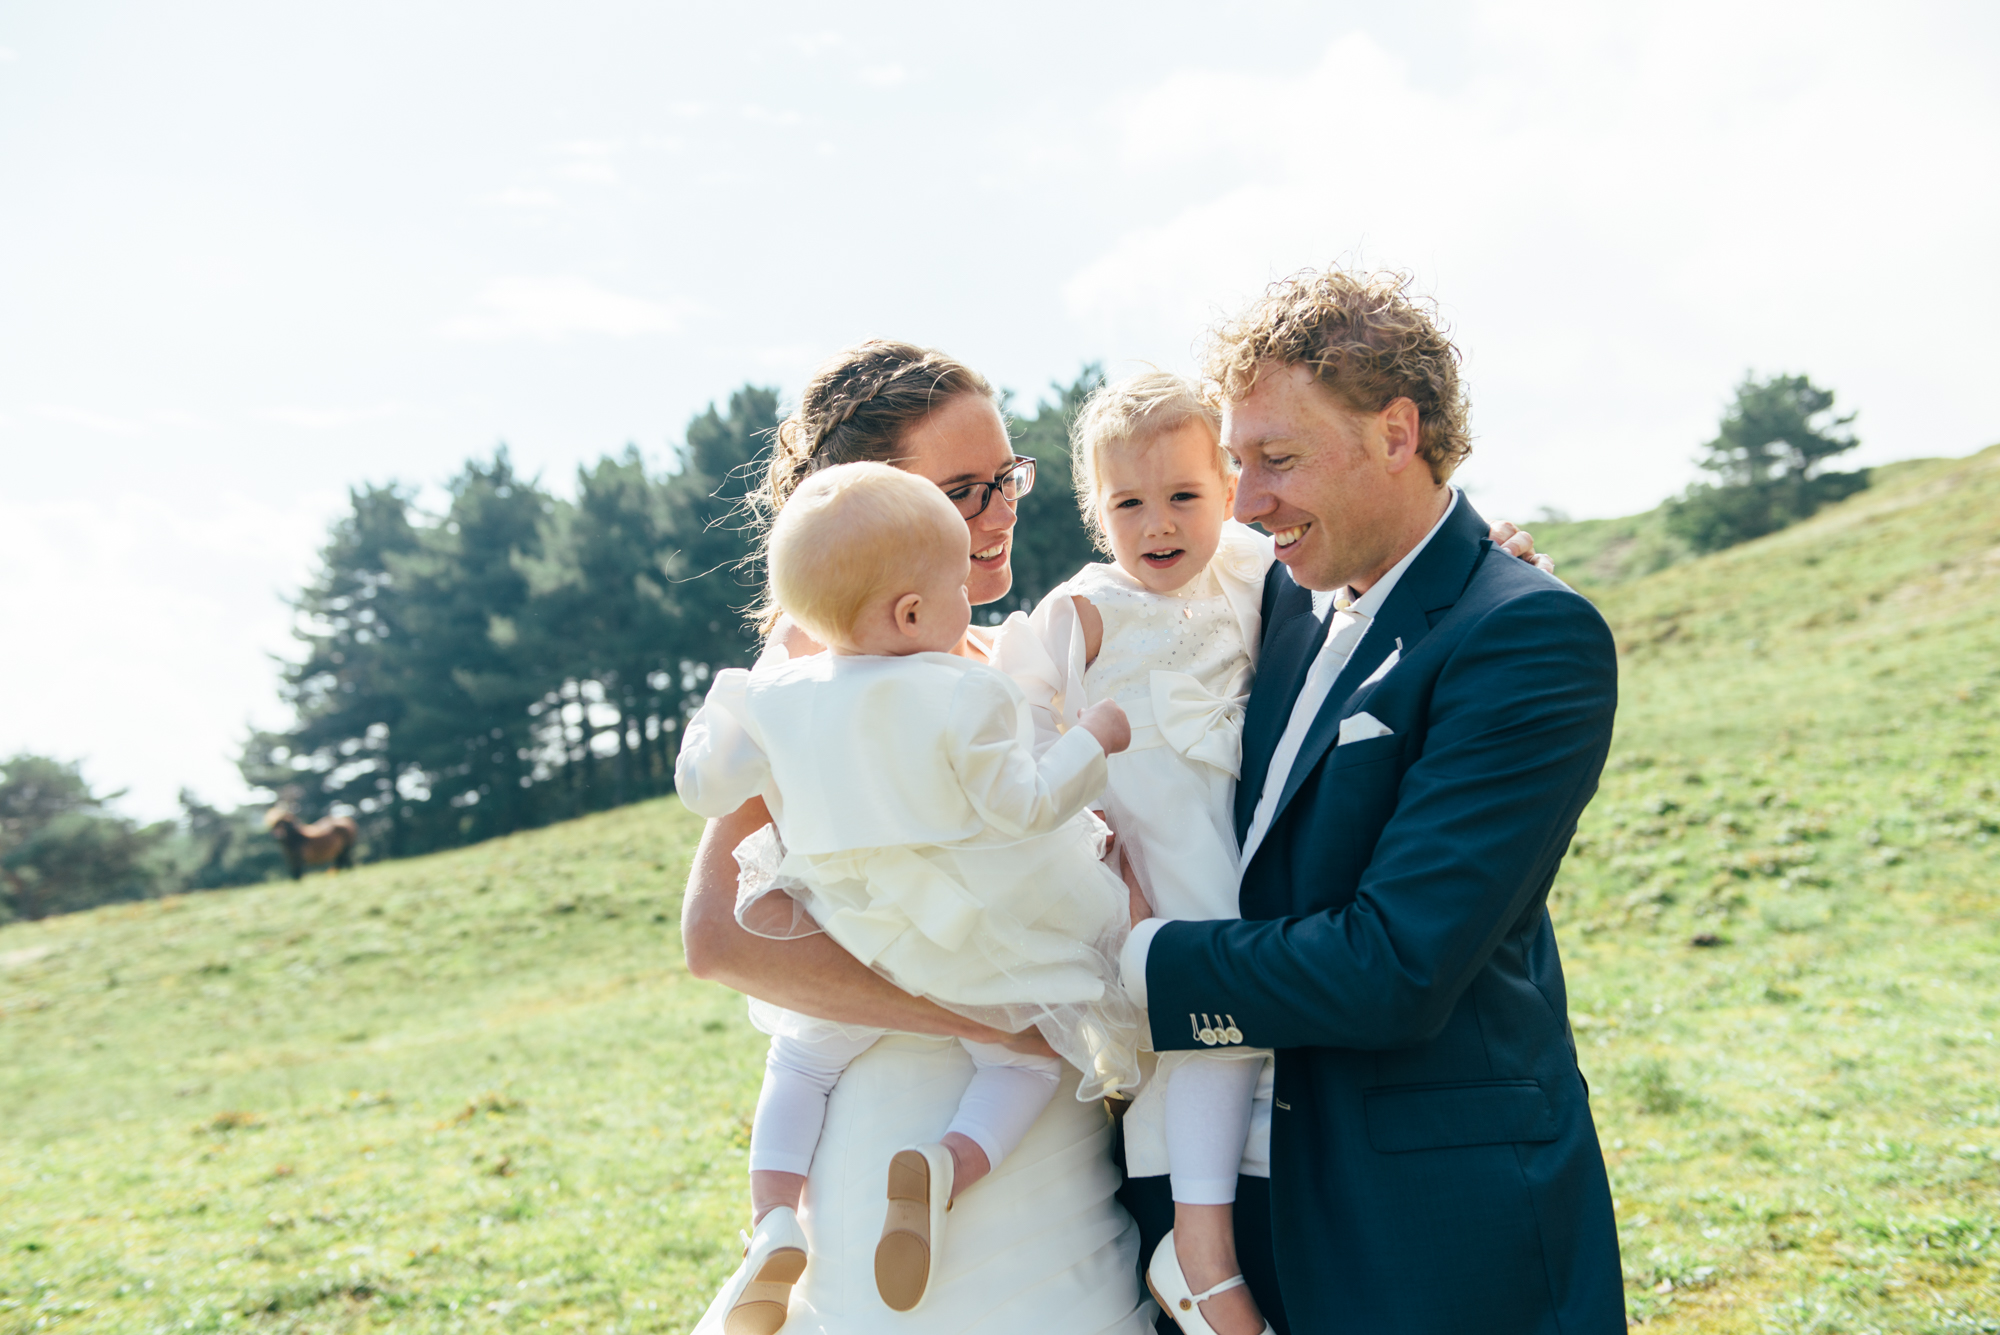 bruidsfotografie-Heiloo-Castricum-aan-zee-Liesbeth-en-Pieter-569